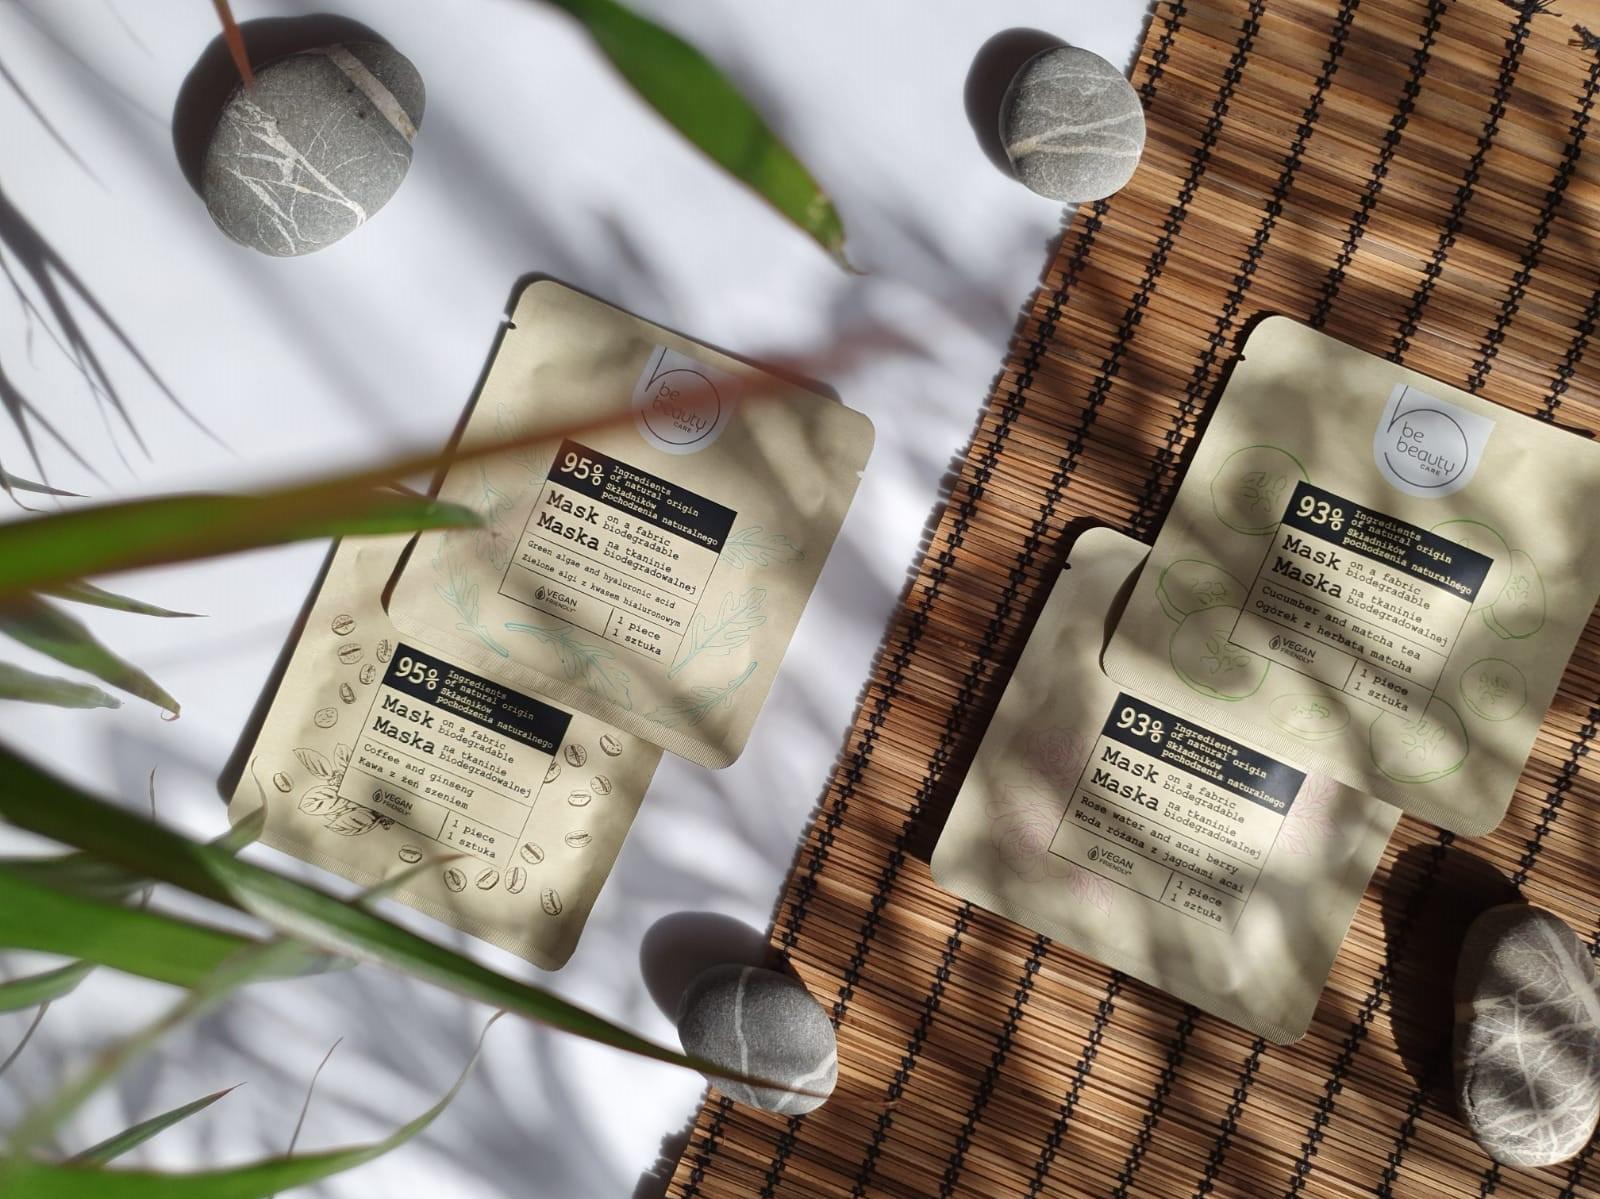 maseczki-na-tkaninie-biodegradowalnej-bebeauty-biedronka-naturalne-recenzja-opinia.